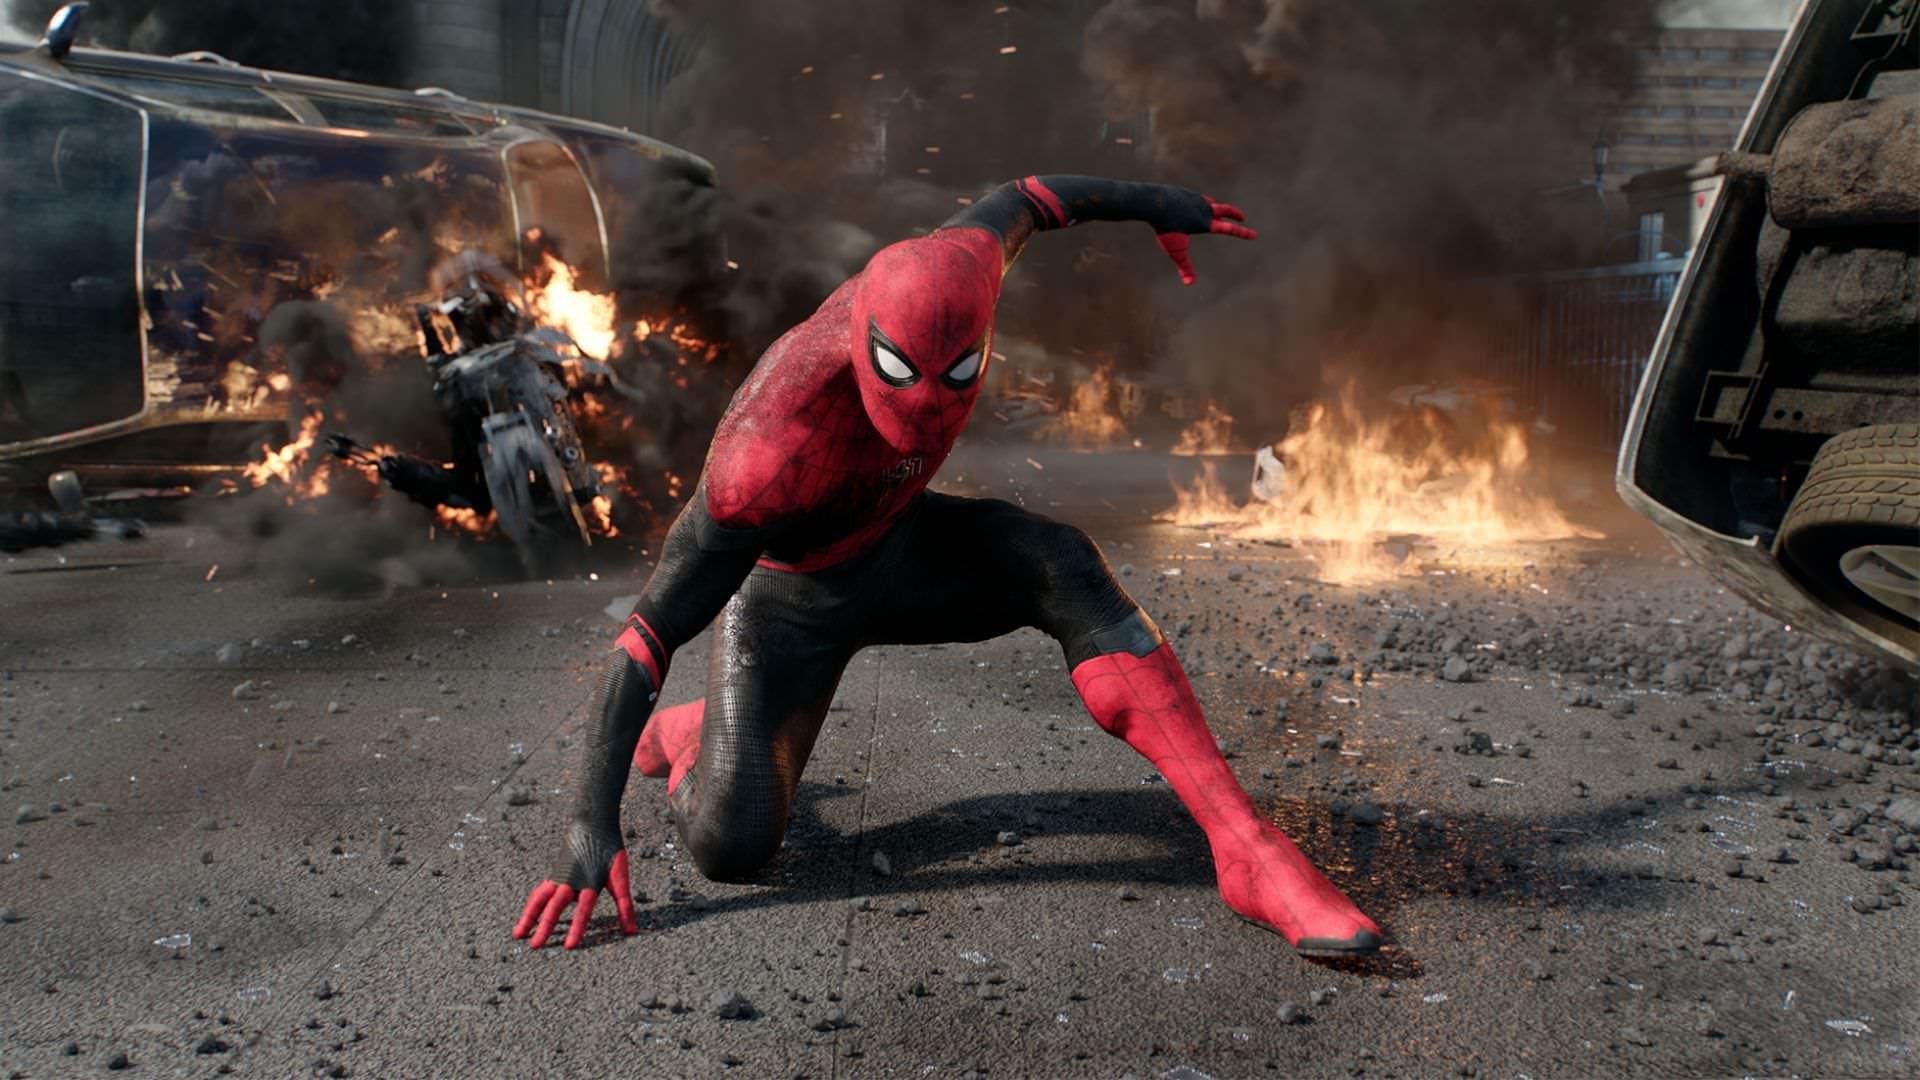 تصاویر جدید فیلم Spider-Man 3 تام هالند را در لباس قرمز و سیاه مرد عنکبوتی نشان میدهد